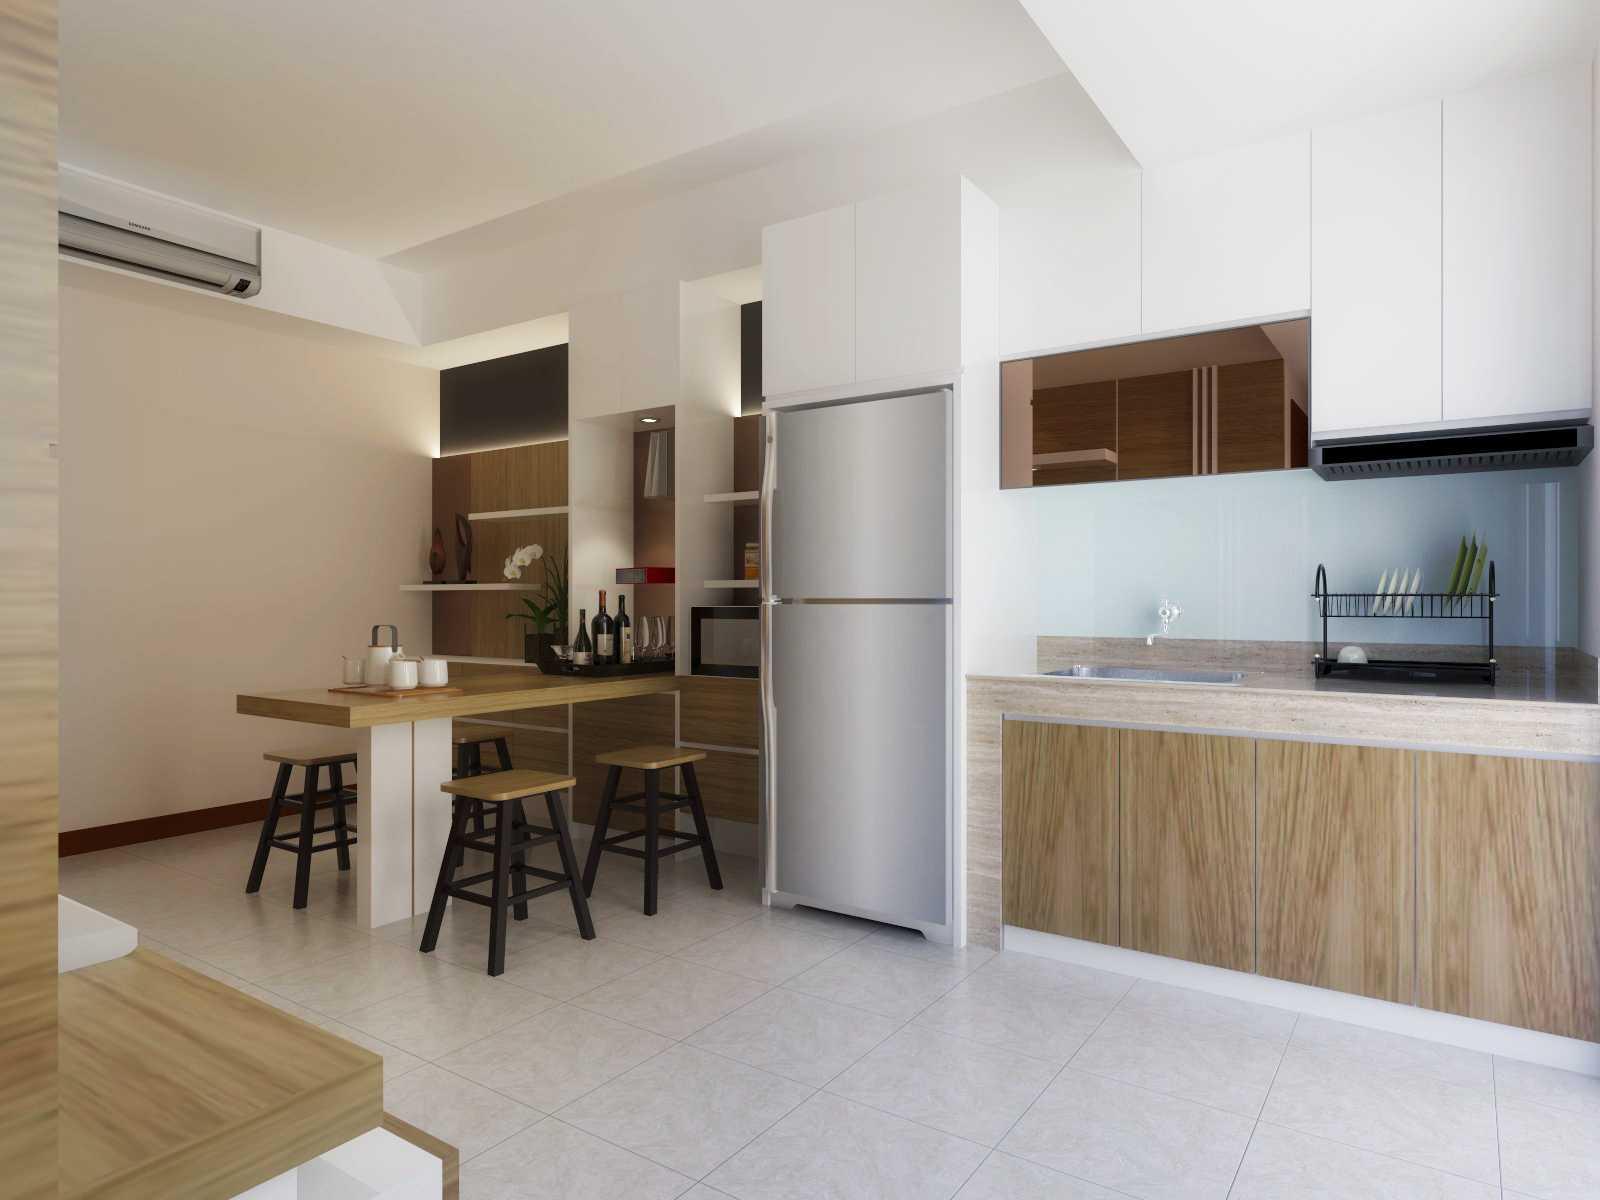 Mbartliving Interior Apartment Mediterania   Mbartliving-Interior-Apartment-Mediterania Minimalist  56456